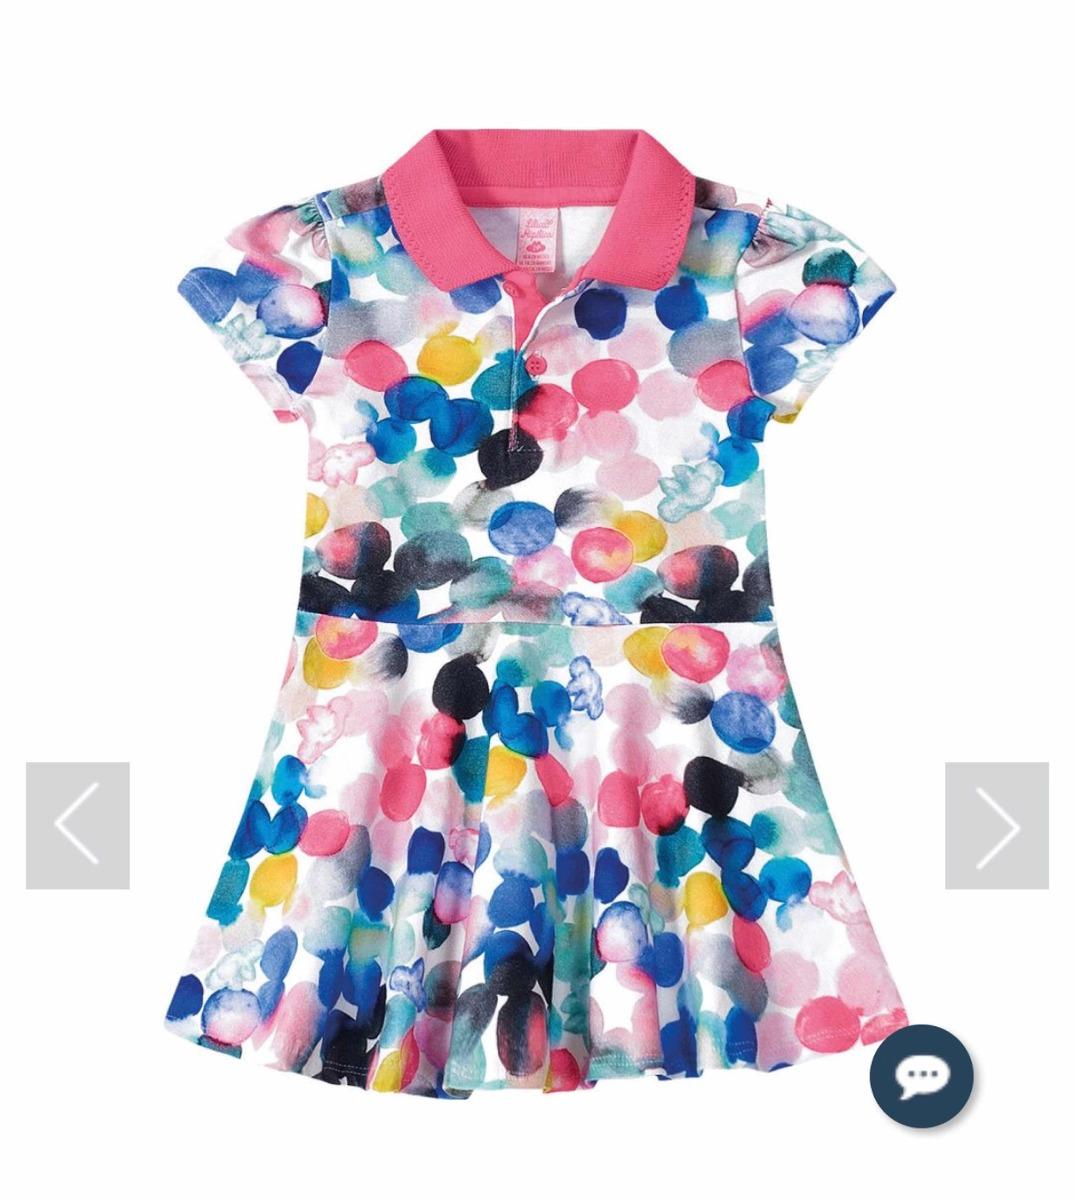 e0c8339a8 Vestido Lilica Ripilica Baby Original 10108904 - R$ 119,00 em ...